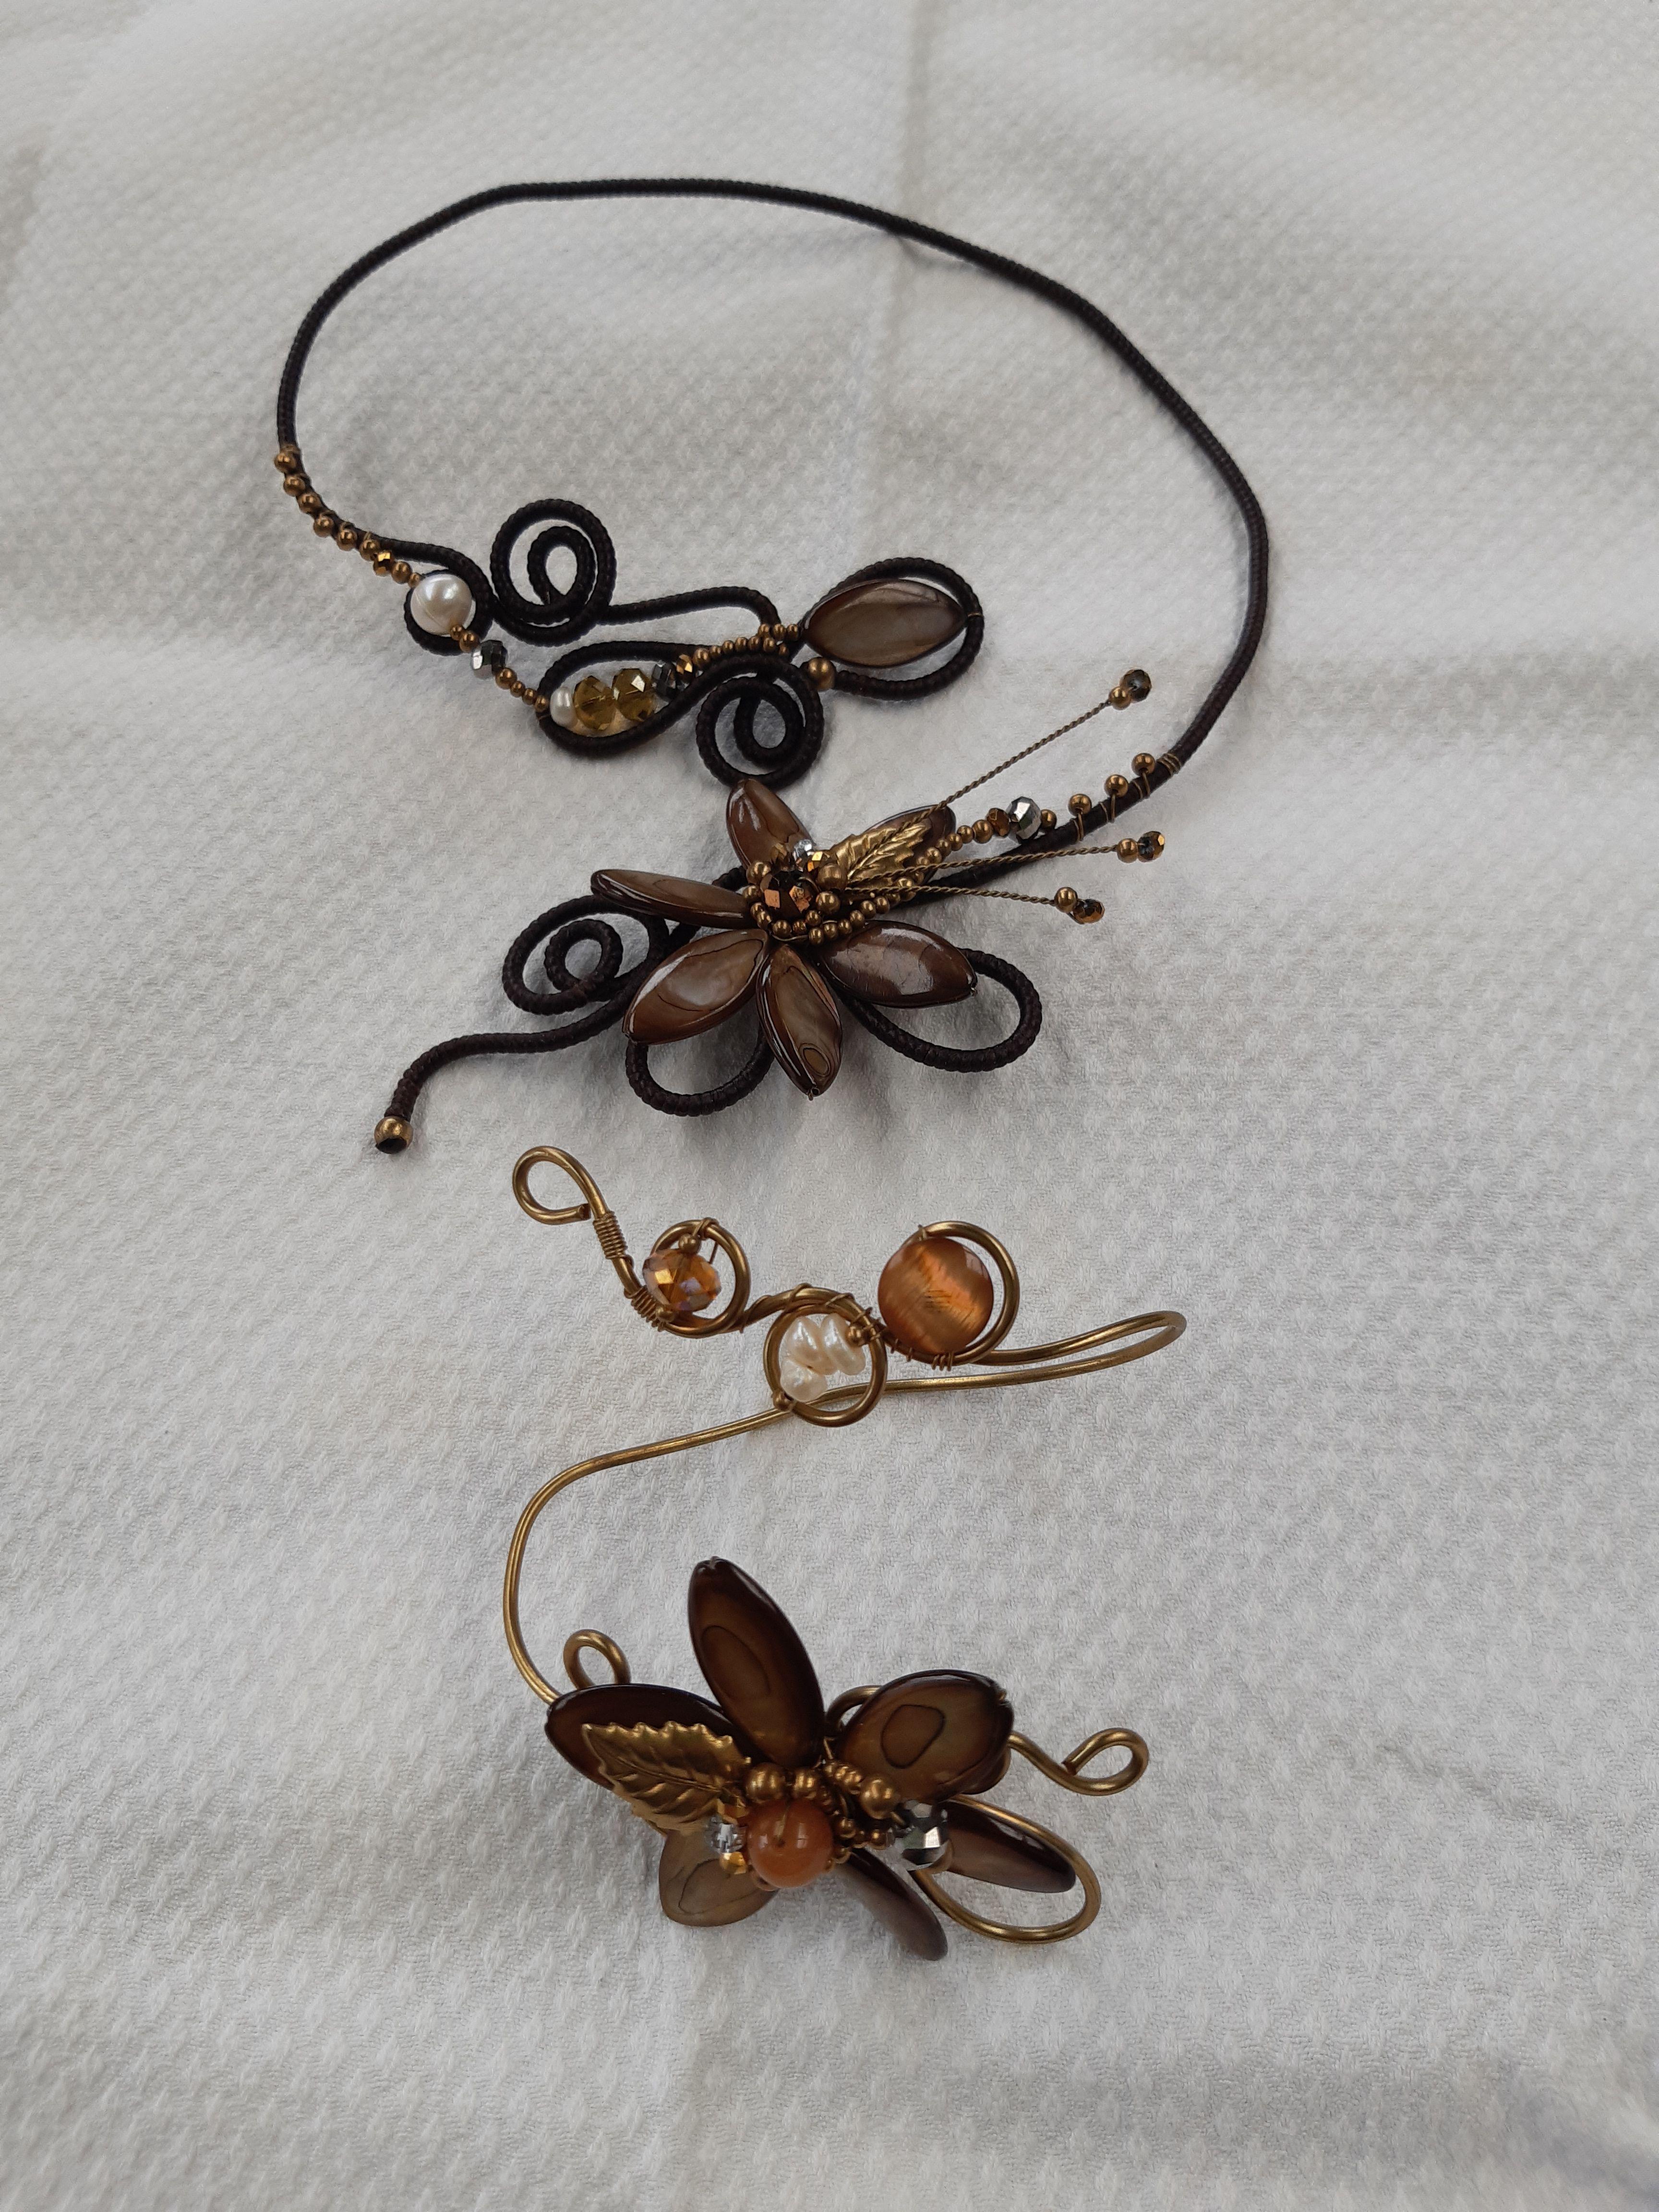 Parure bijoux artisanaux femme (collier et bracelet) très bon état